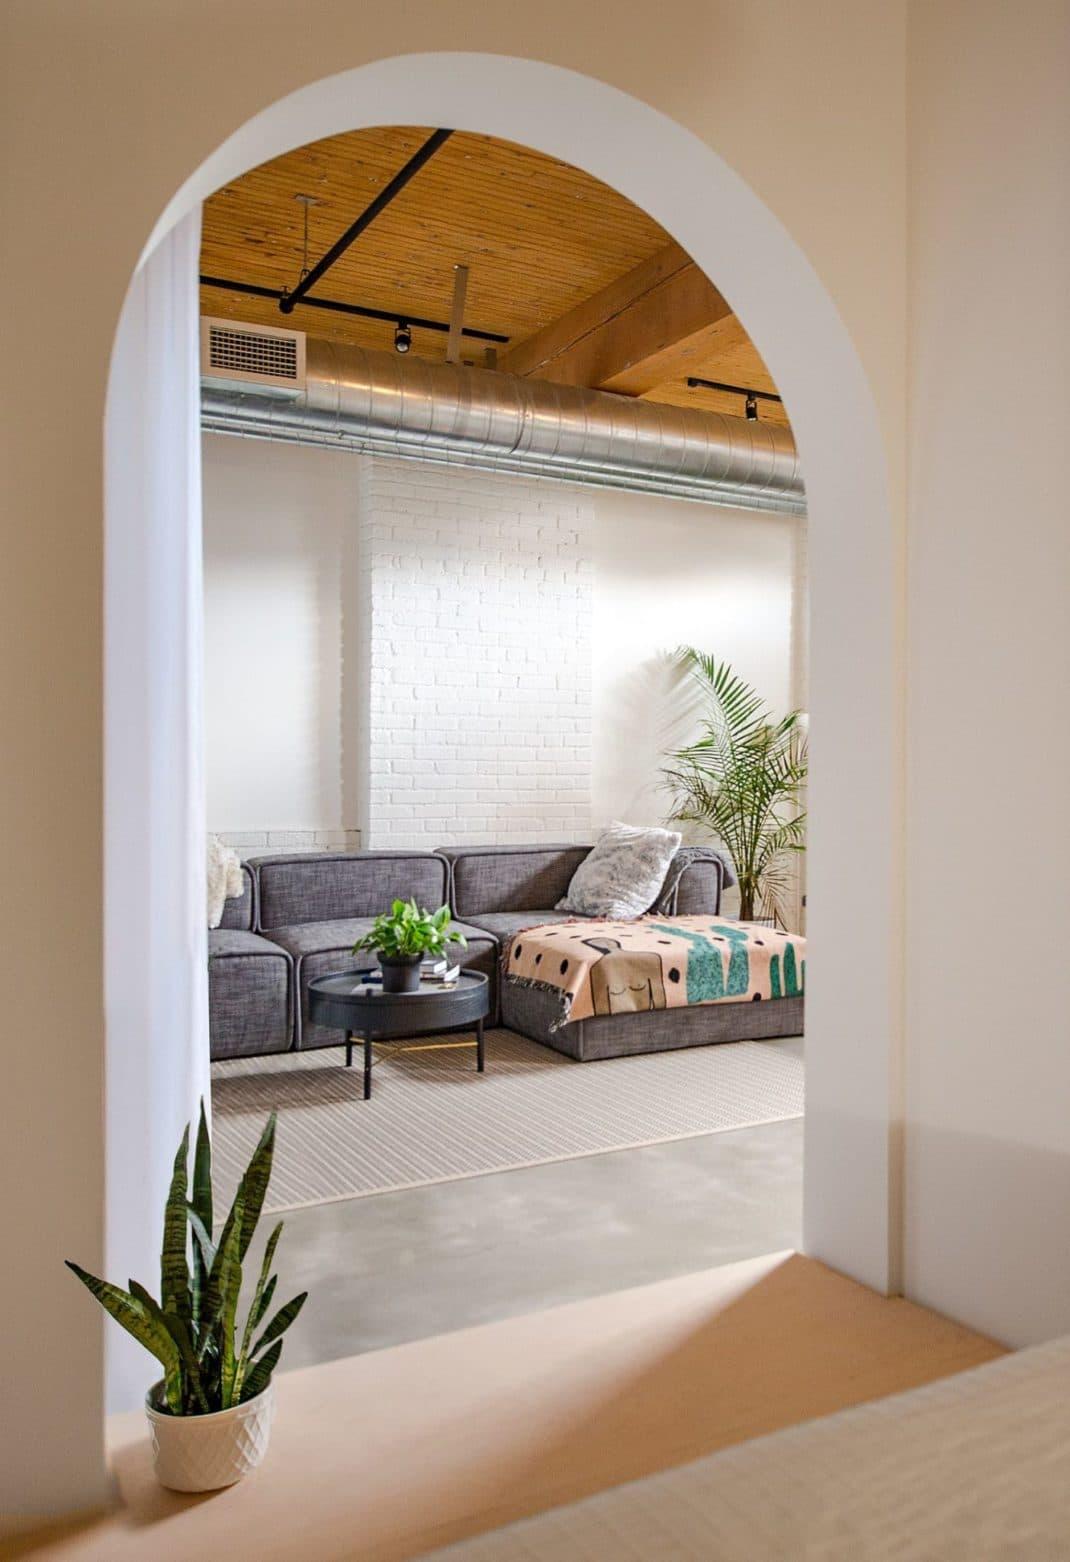 Studio AC imagine une chambre surprenante drapée de blanc